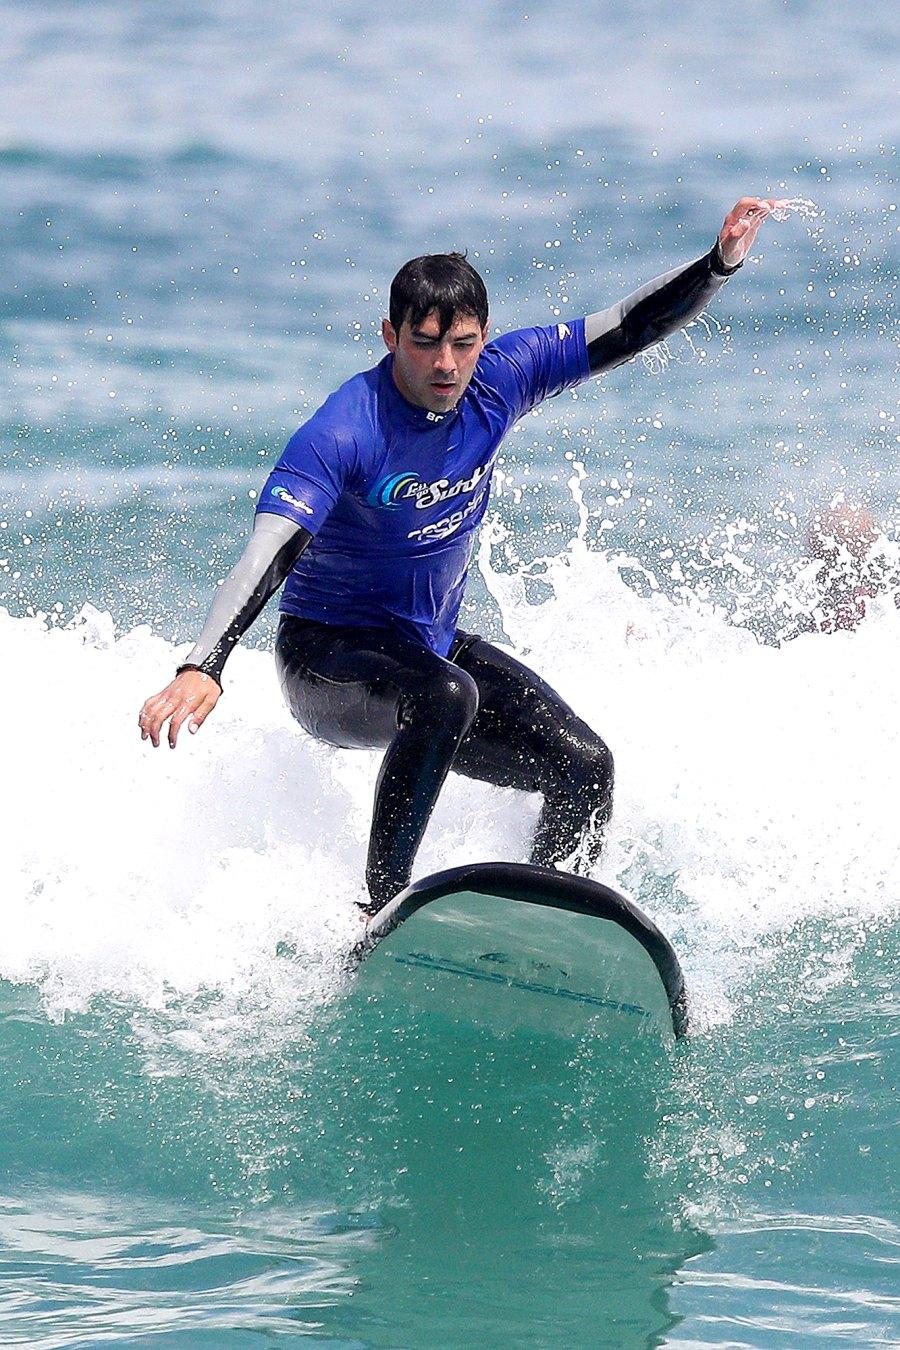 Joe-Jonas-surfing